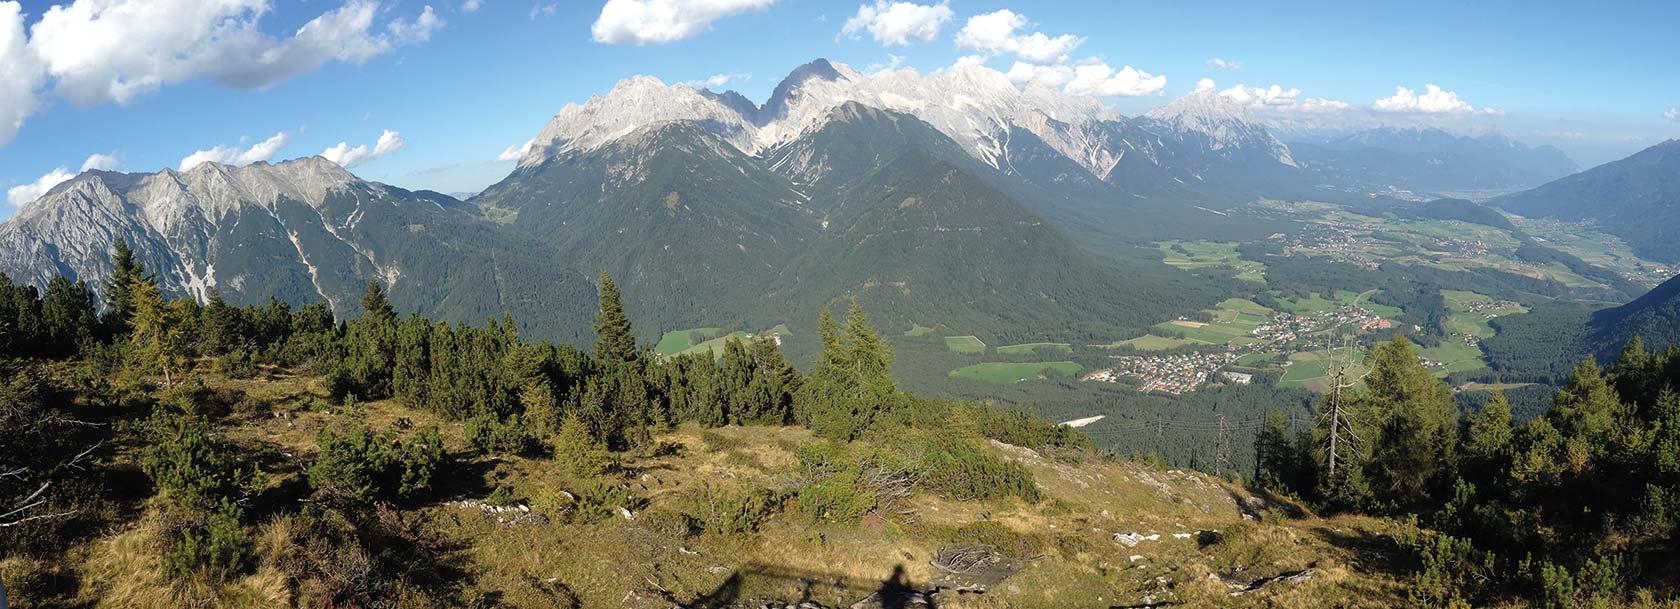 Panoramaansicht vom Simmering Horn in Obsteig